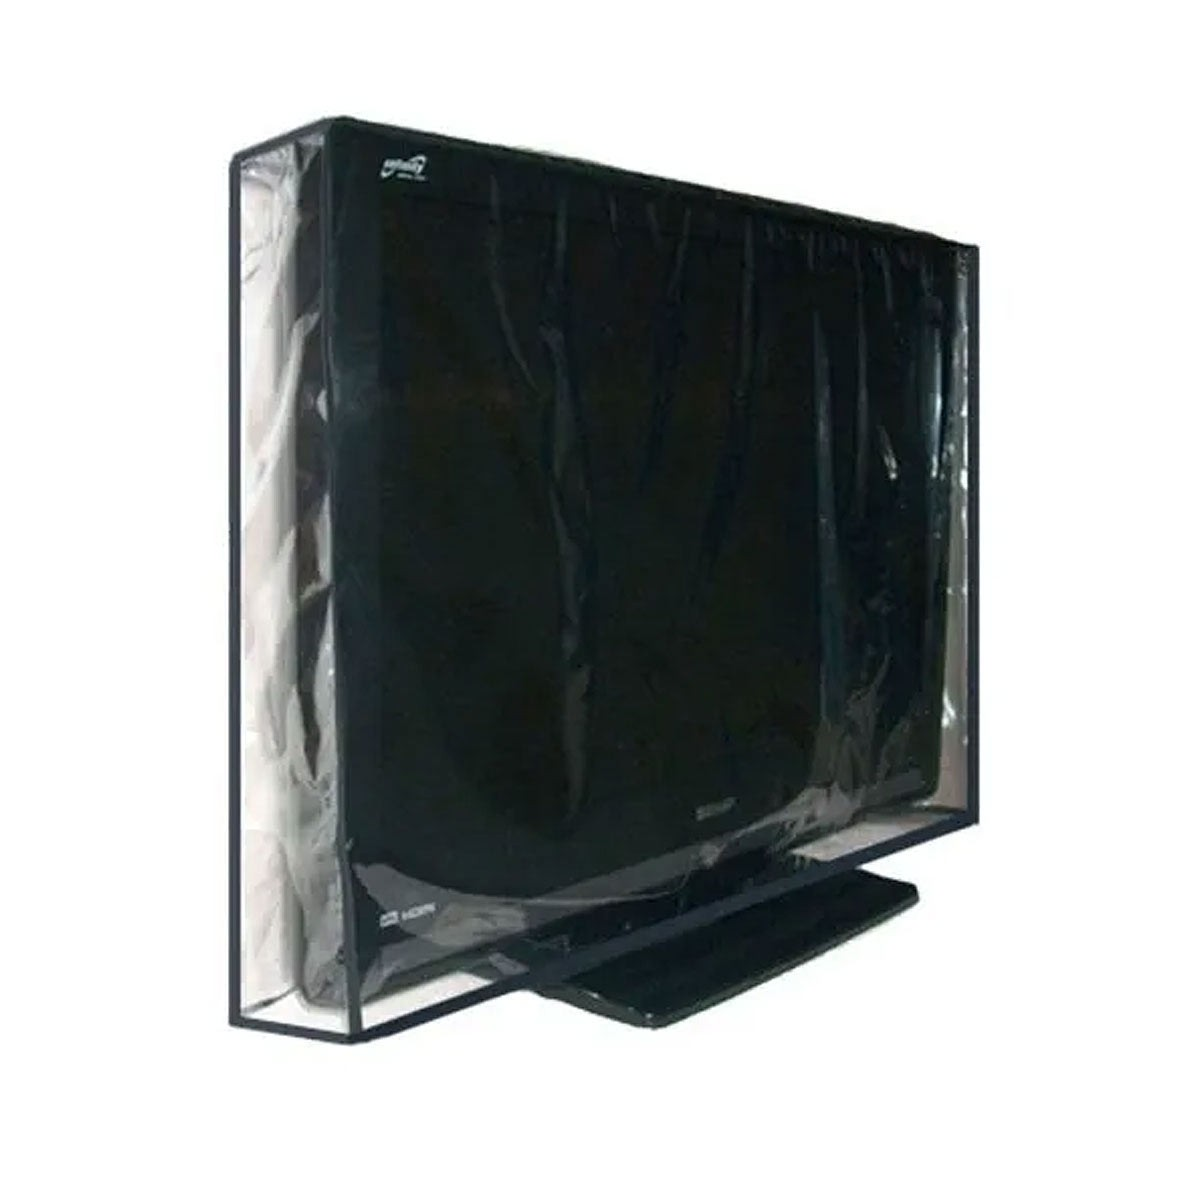 Capa Em Pvc Cristal Para Tv Led 37 - Fechada Atrás